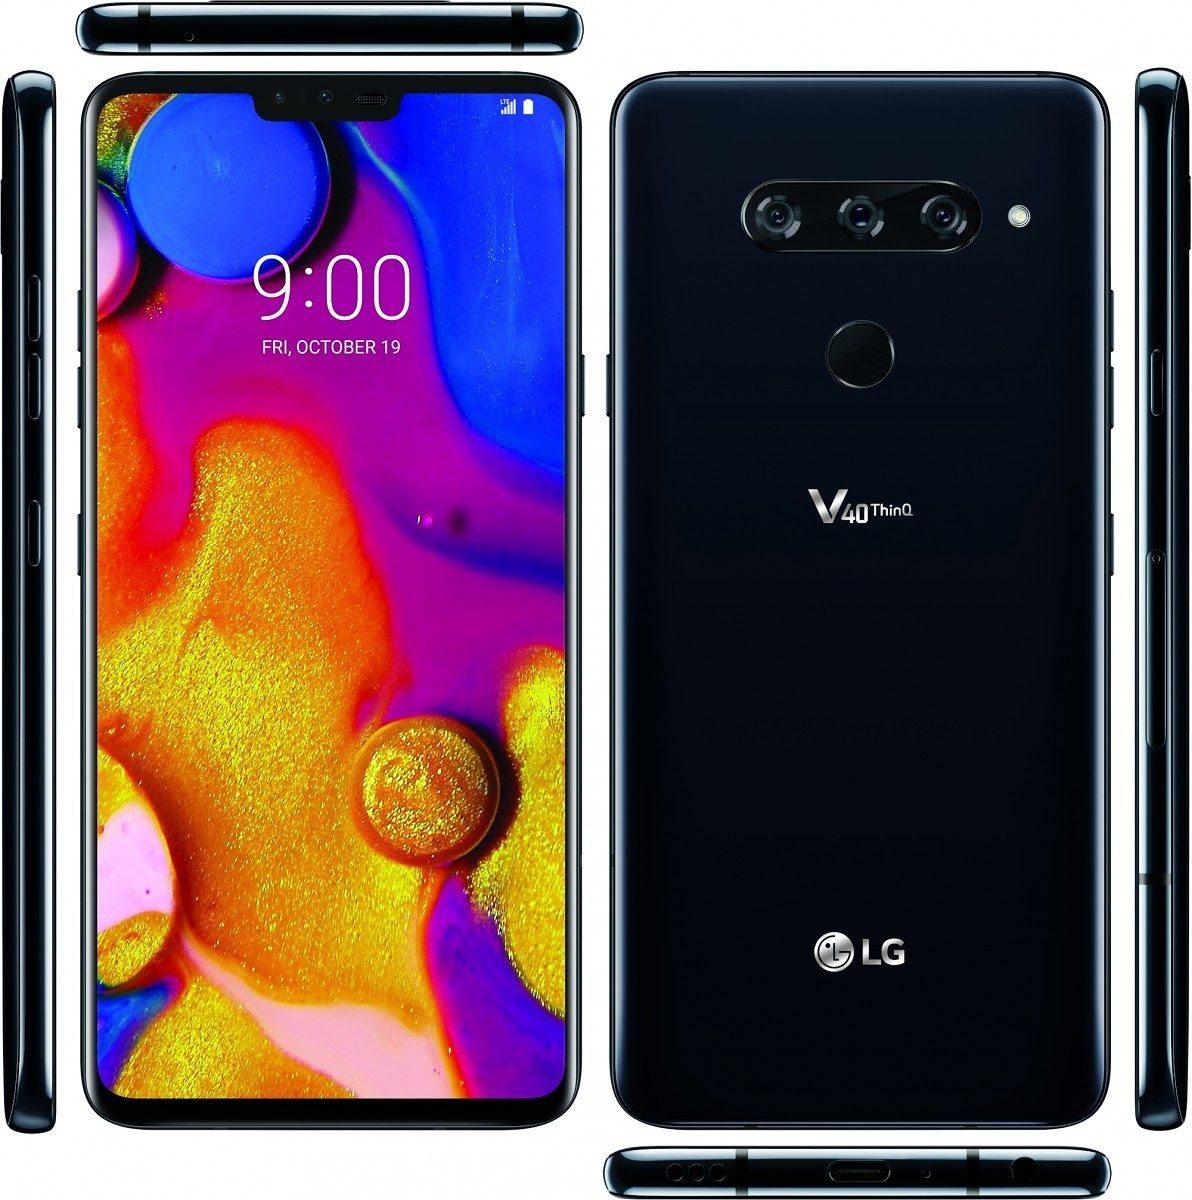 LG V40 ThinQ 4